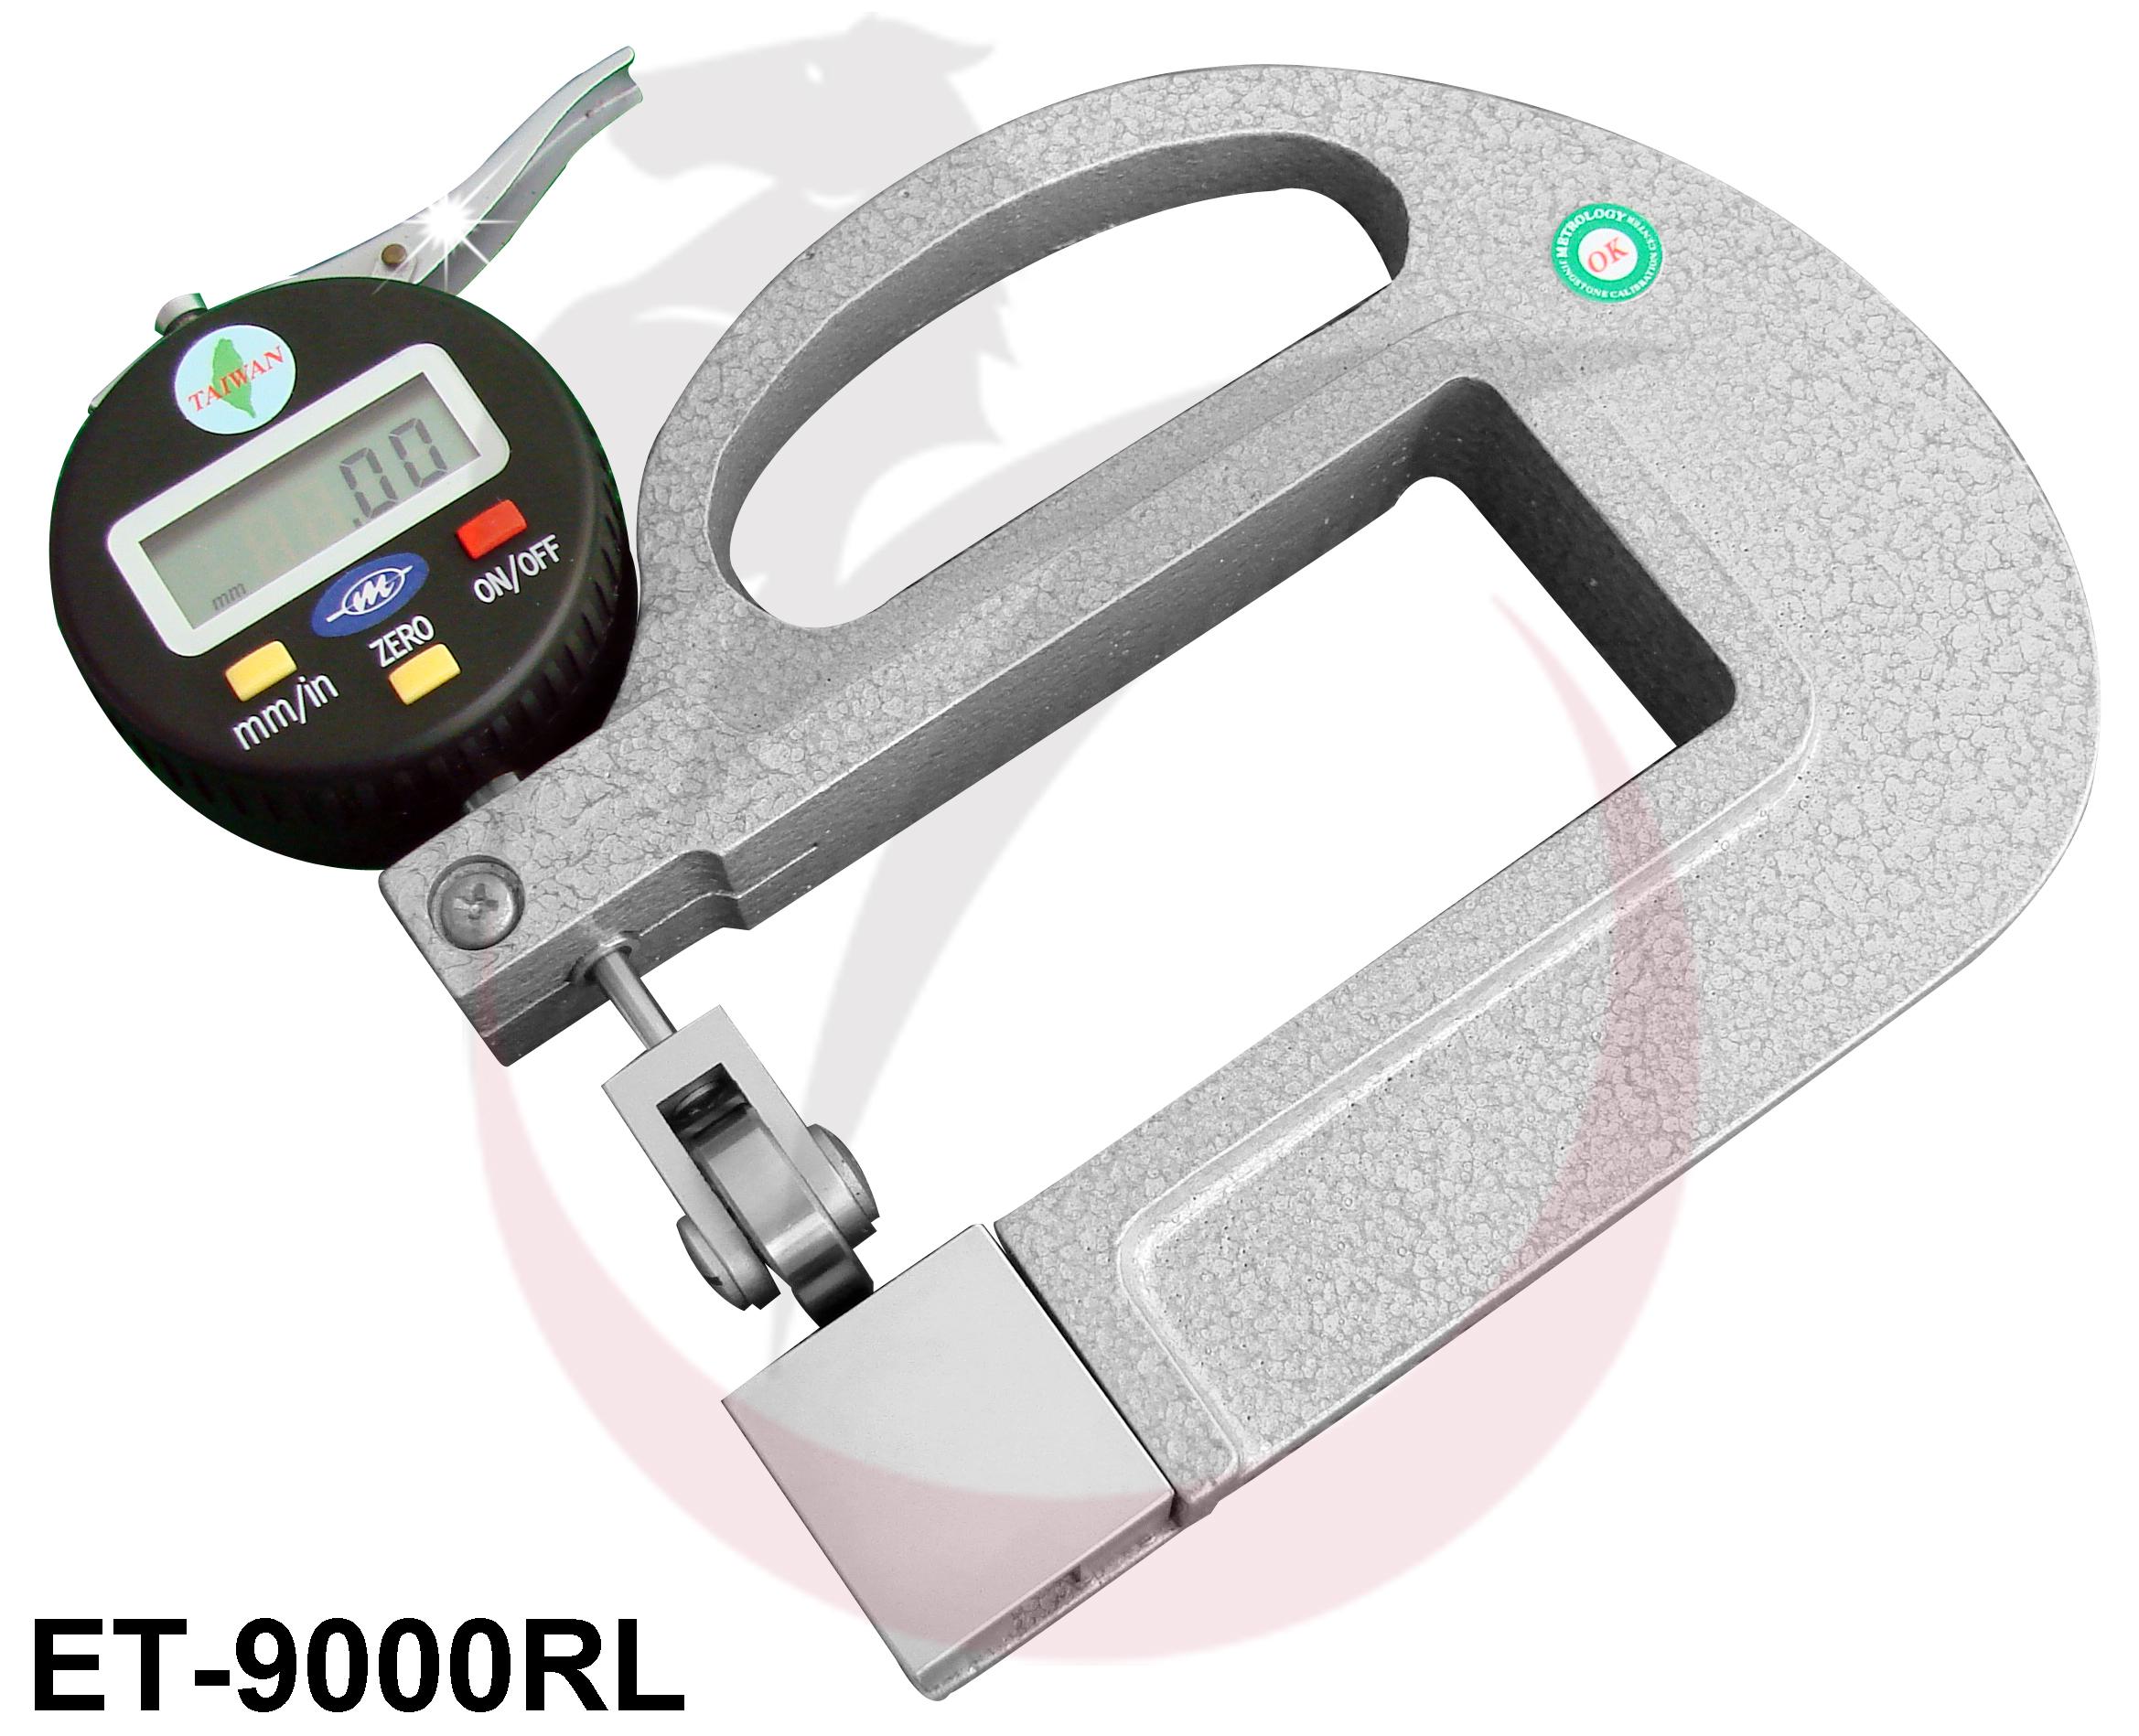 """Thiết bị đo độ dày điện tử 0-10mm/0.4"""" ET-9000RL Metrology"""